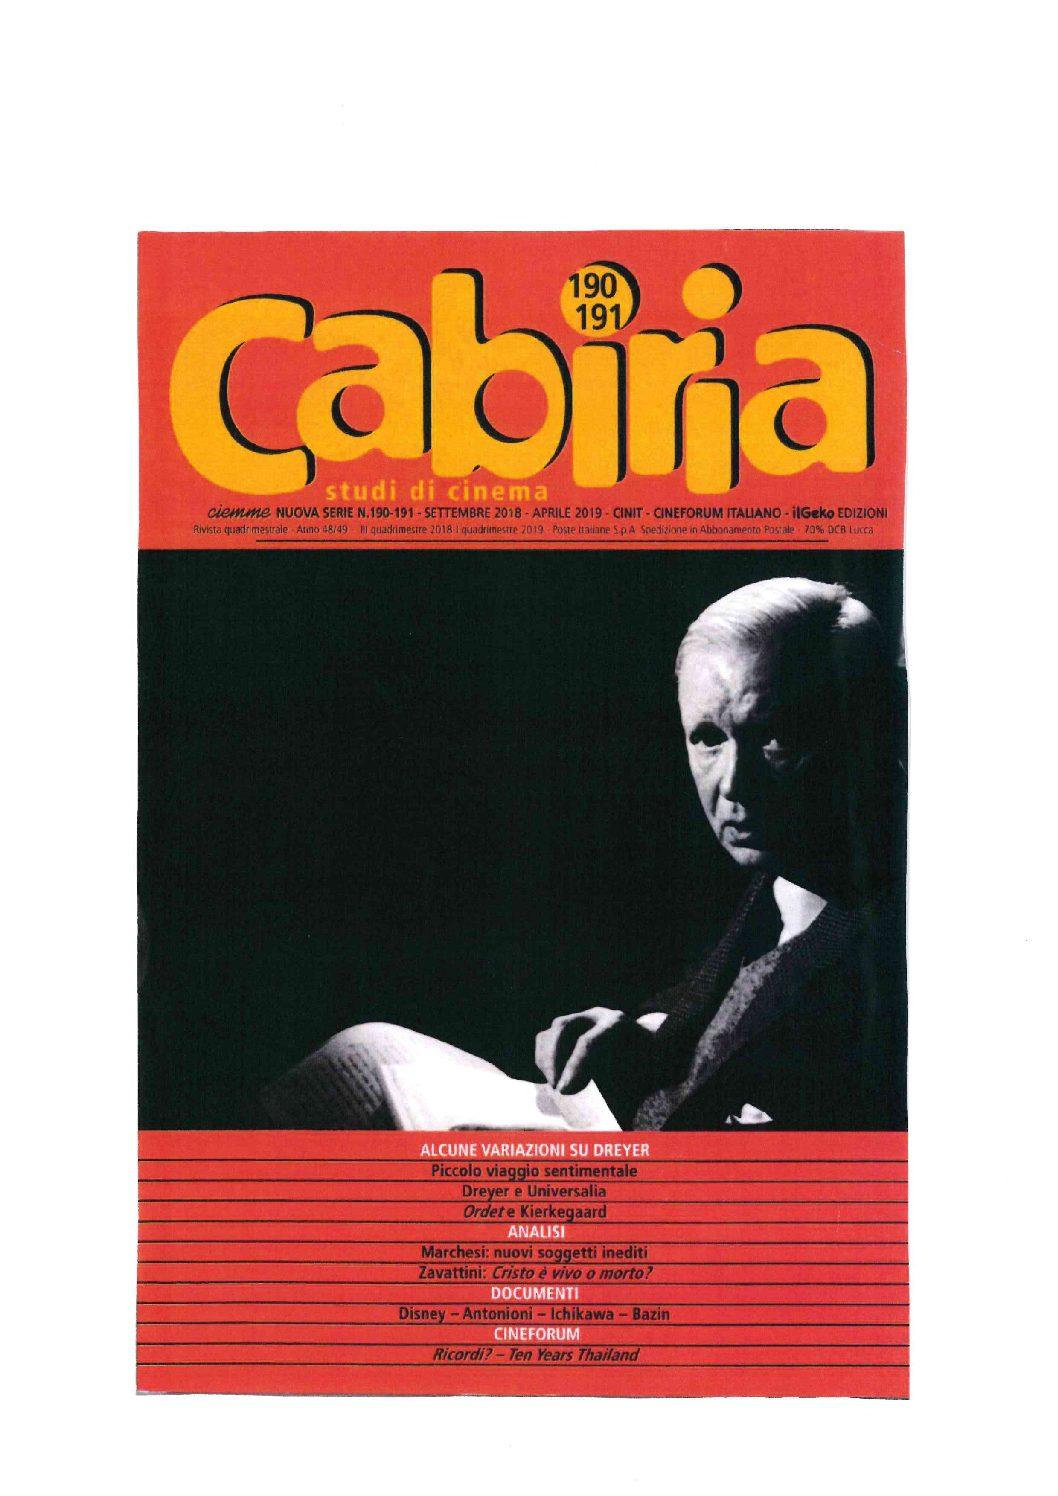 Dedicato a Dreyer il laboratorio del n. 191-192 di Cabiria studi di cinema